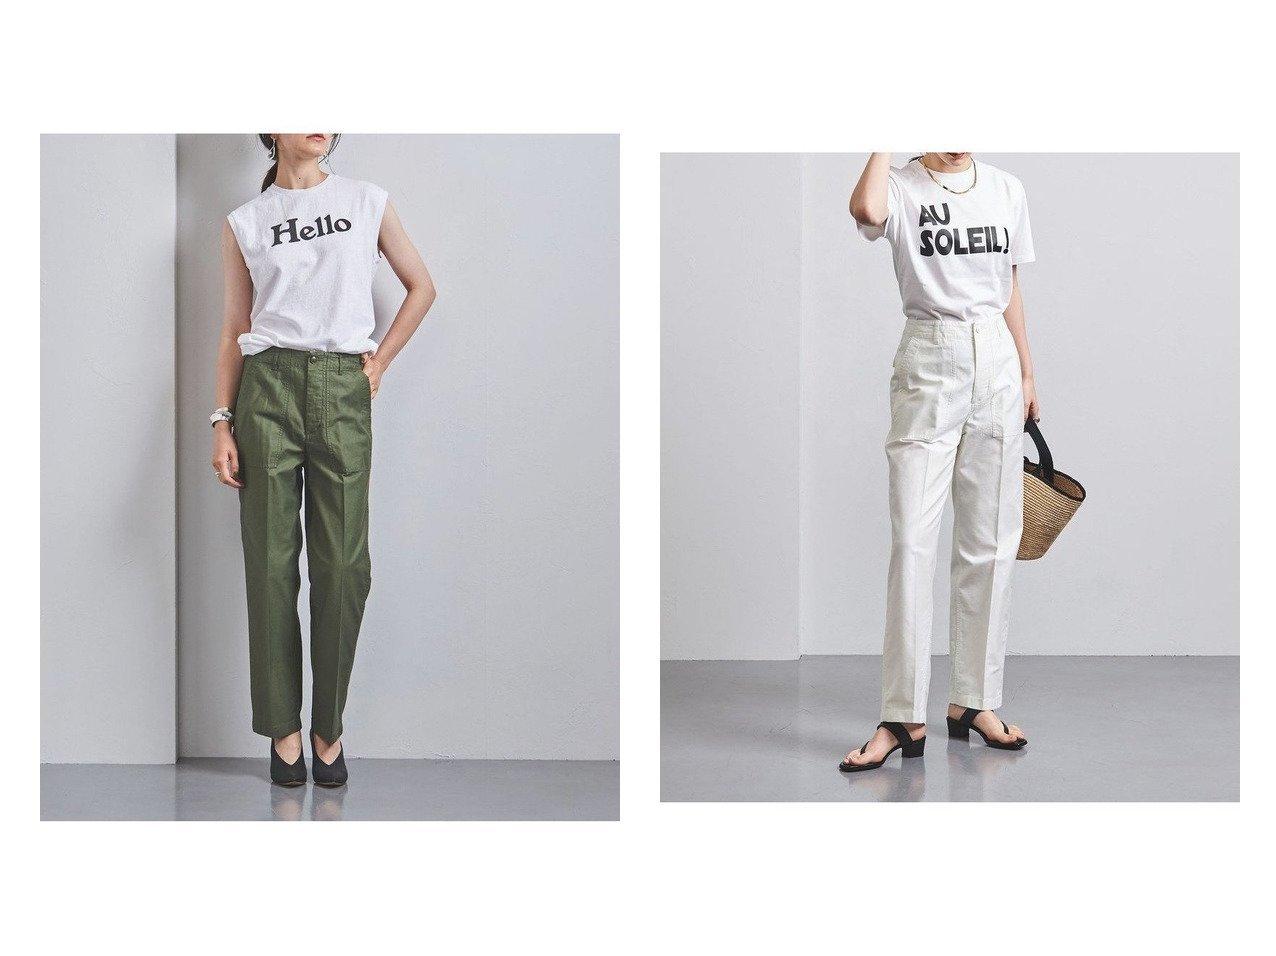 【UNITED ARROWS/ユナイテッドアローズ】のUWSC ベイカー パンツ 21SS† 【パンツ】おすすめ!人気、トレンド・レディースファッションの通販 おすすめで人気の流行・トレンド、ファッションの通販商品 インテリア・家具・メンズファッション・キッズファッション・レディースファッション・服の通販 founy(ファニー) https://founy.com/ ファッション Fashion レディースファッション WOMEN パンツ Pants 2021年 2021 2021春夏・S/S SS/Spring/Summer/2021 S/S・春夏 SS・Spring/Summer おすすめ Recommend ジーンズ テーパード パッチ ポケット 夏 Summer 定番 Standard 春 Spring |ID:crp329100000068564